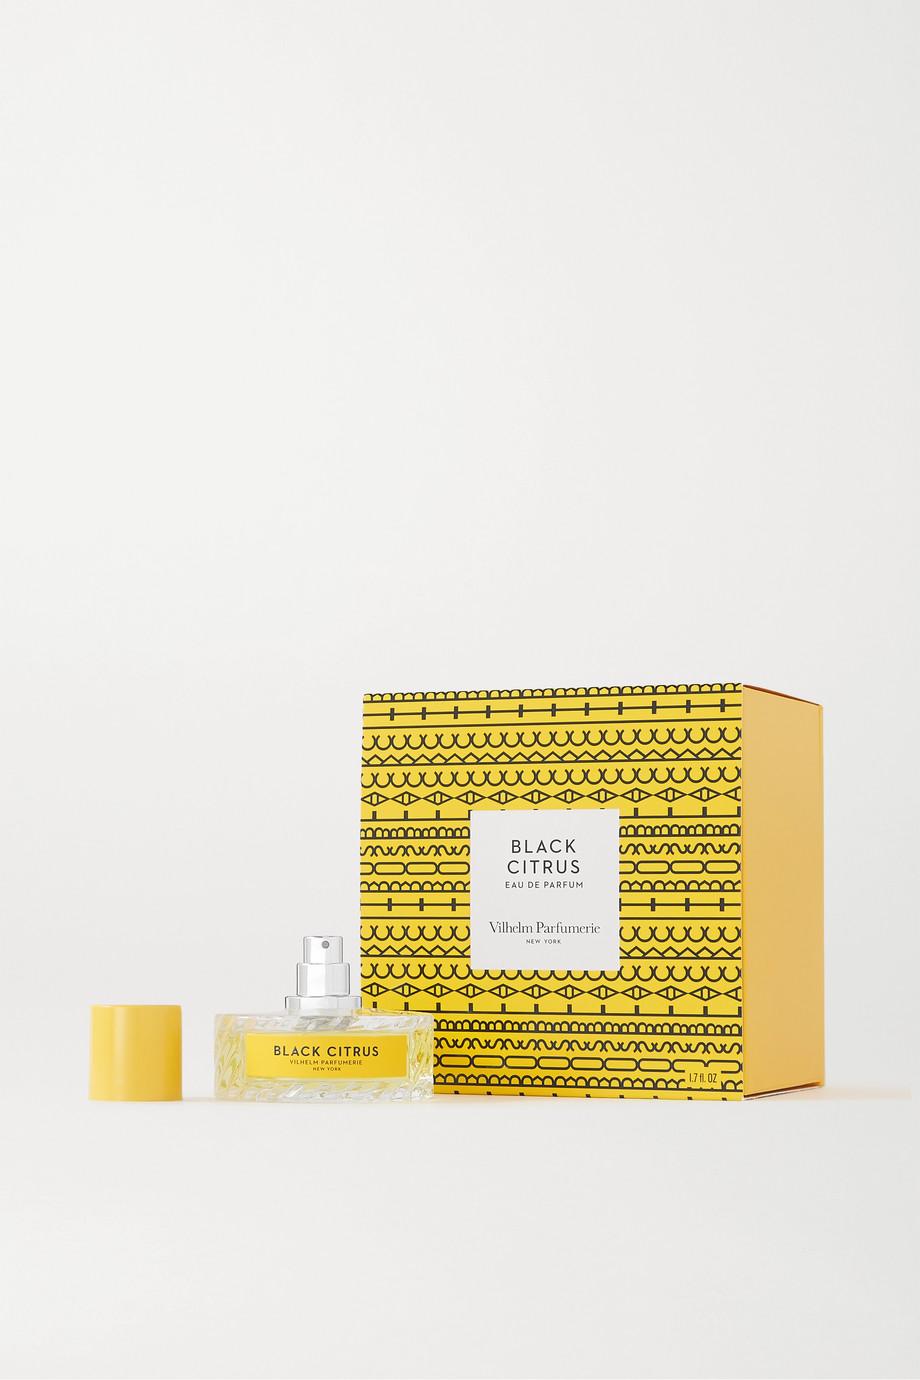 Vilhelm Parfumerie Eau de Parfum - Black Citrus, 50ml